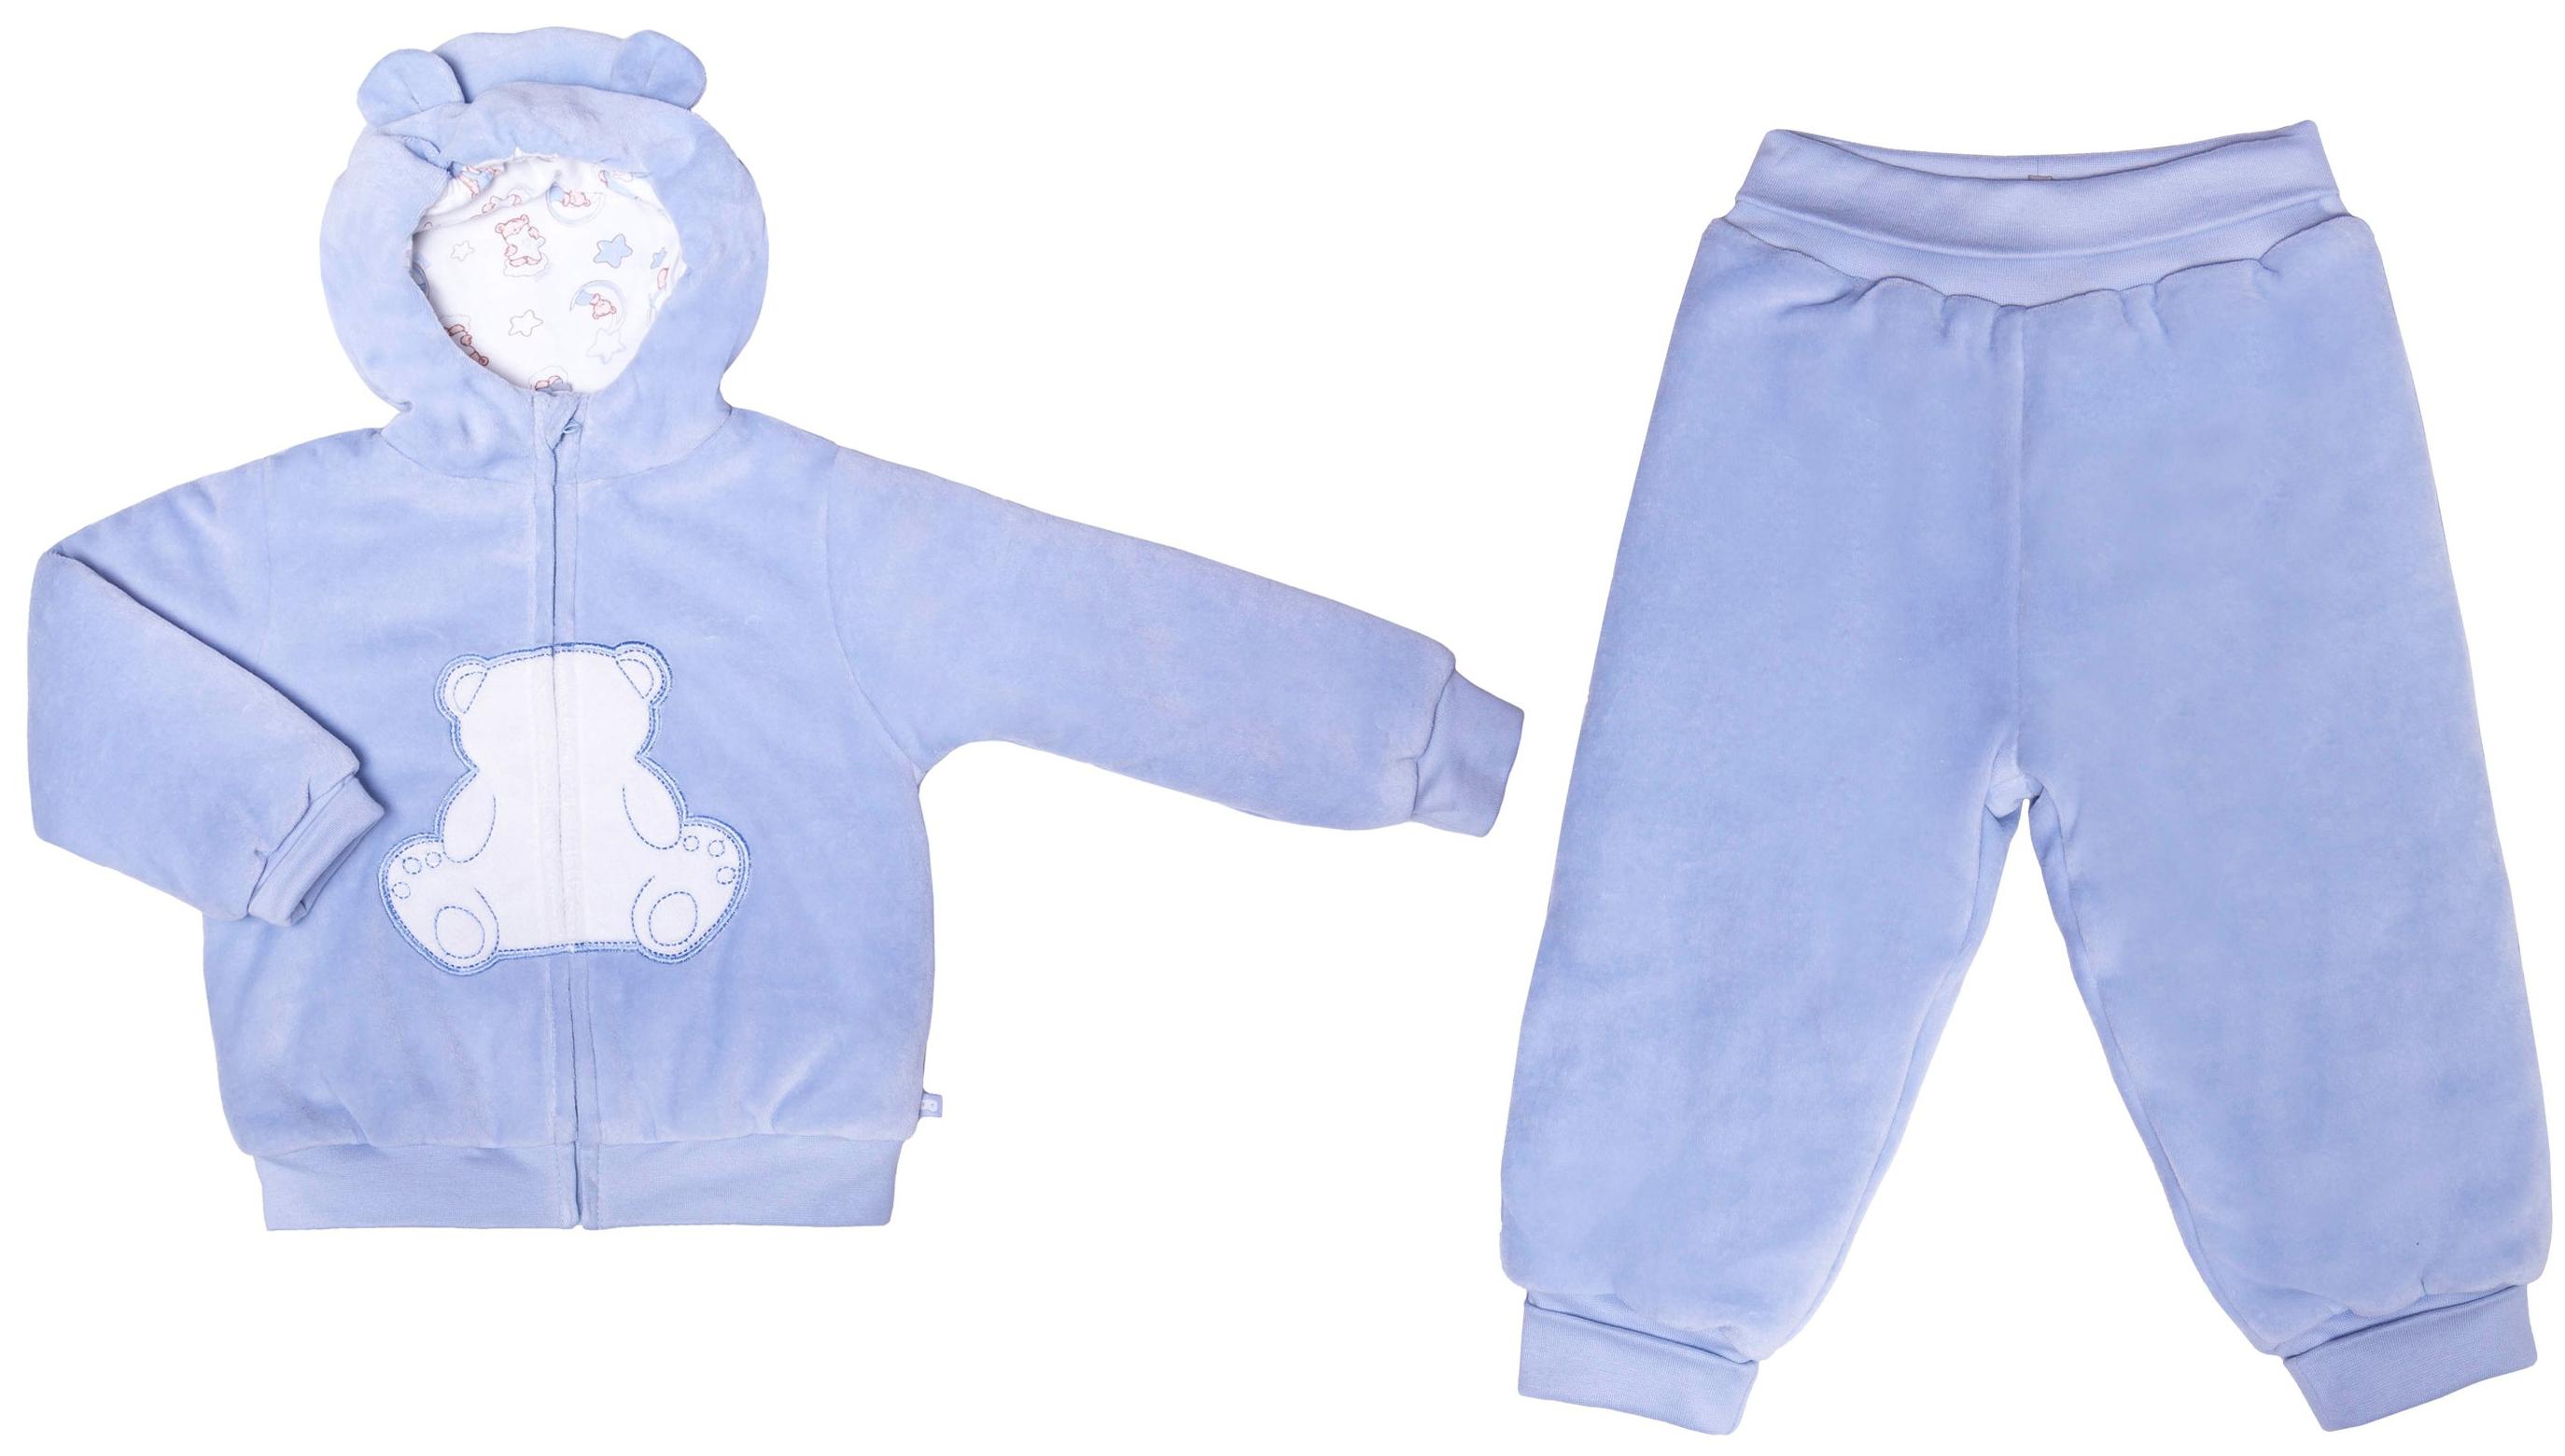 Комплекты утепленные Barkito Комплект жакет, штанишки для мальчика Сладкие сны Barkito голубой комплекты детской одежды cherubino комплект для новорожденных для мальчика 5 предметов